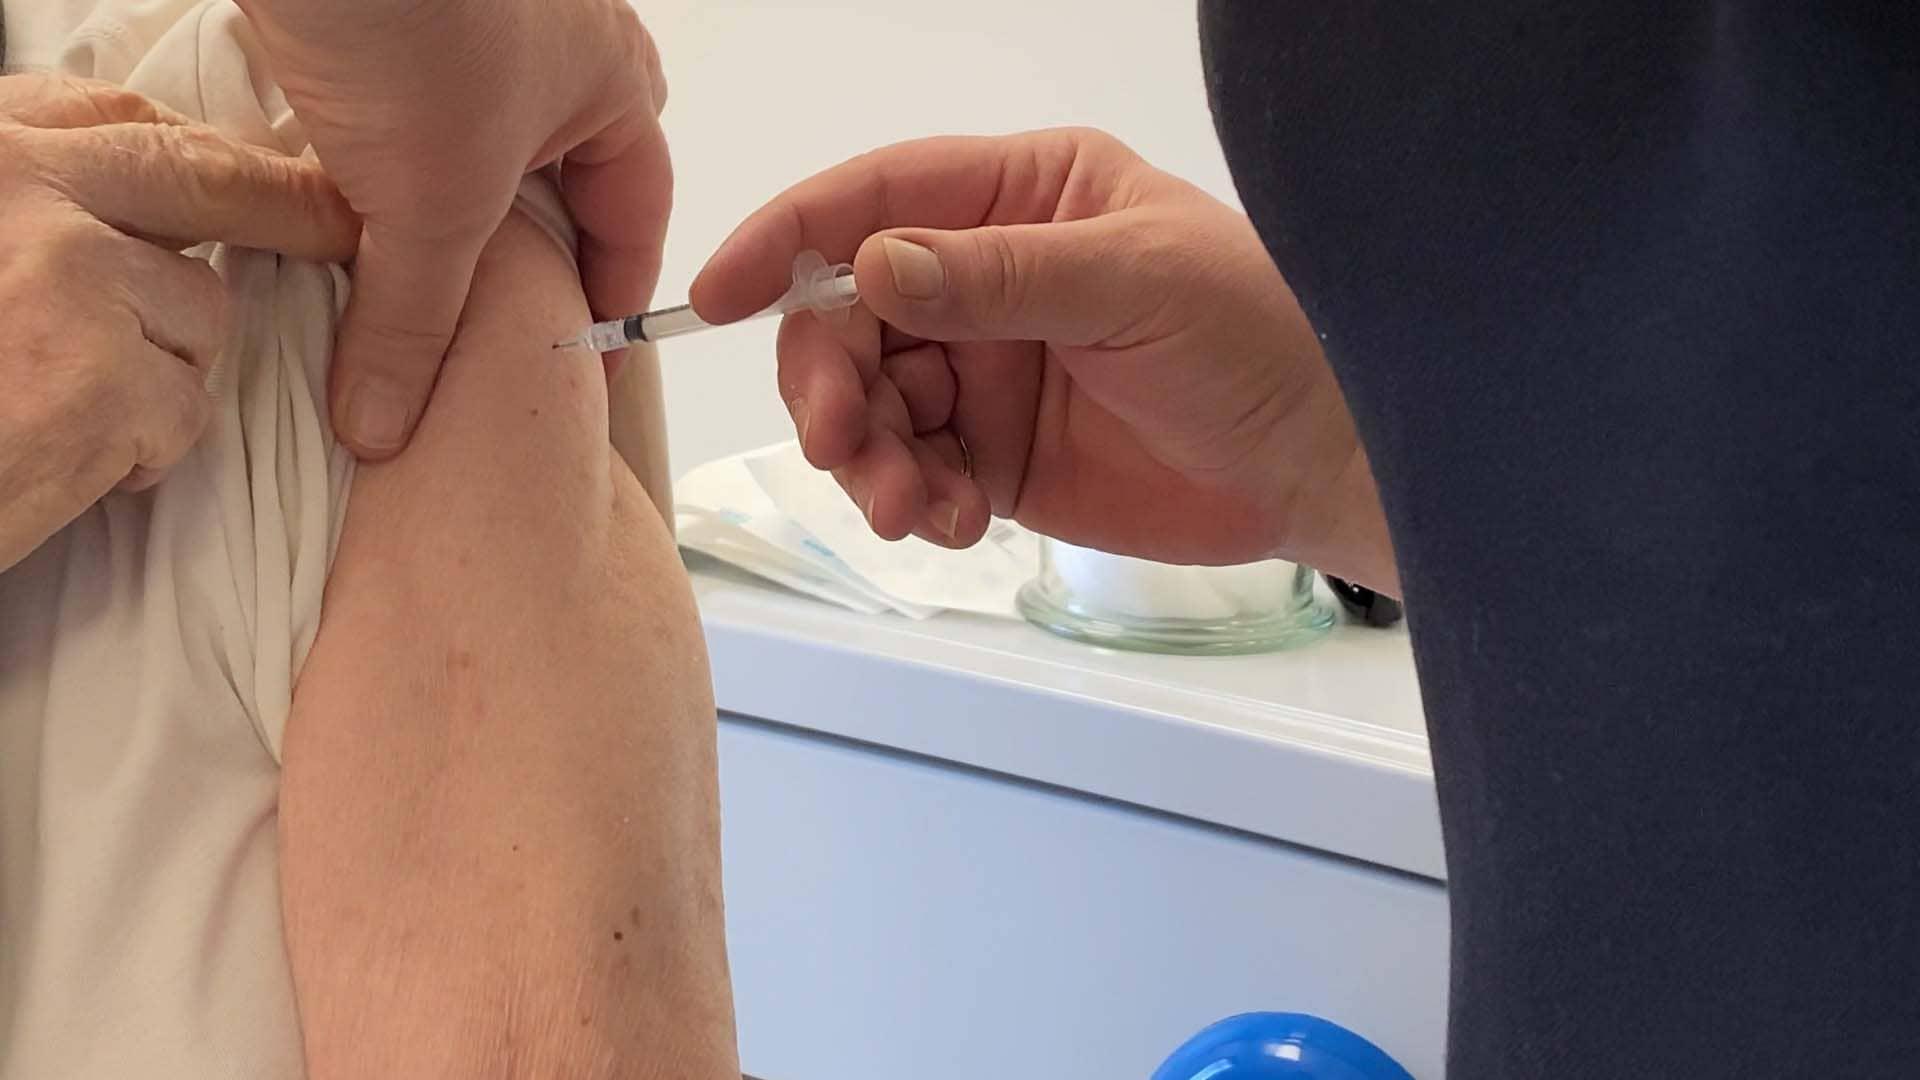 Puissance Télévision - Covid-19 - Photo d'une injection de vaccin contre la Covid-19 - PTV - Saint-Dizier en Haute-Marne